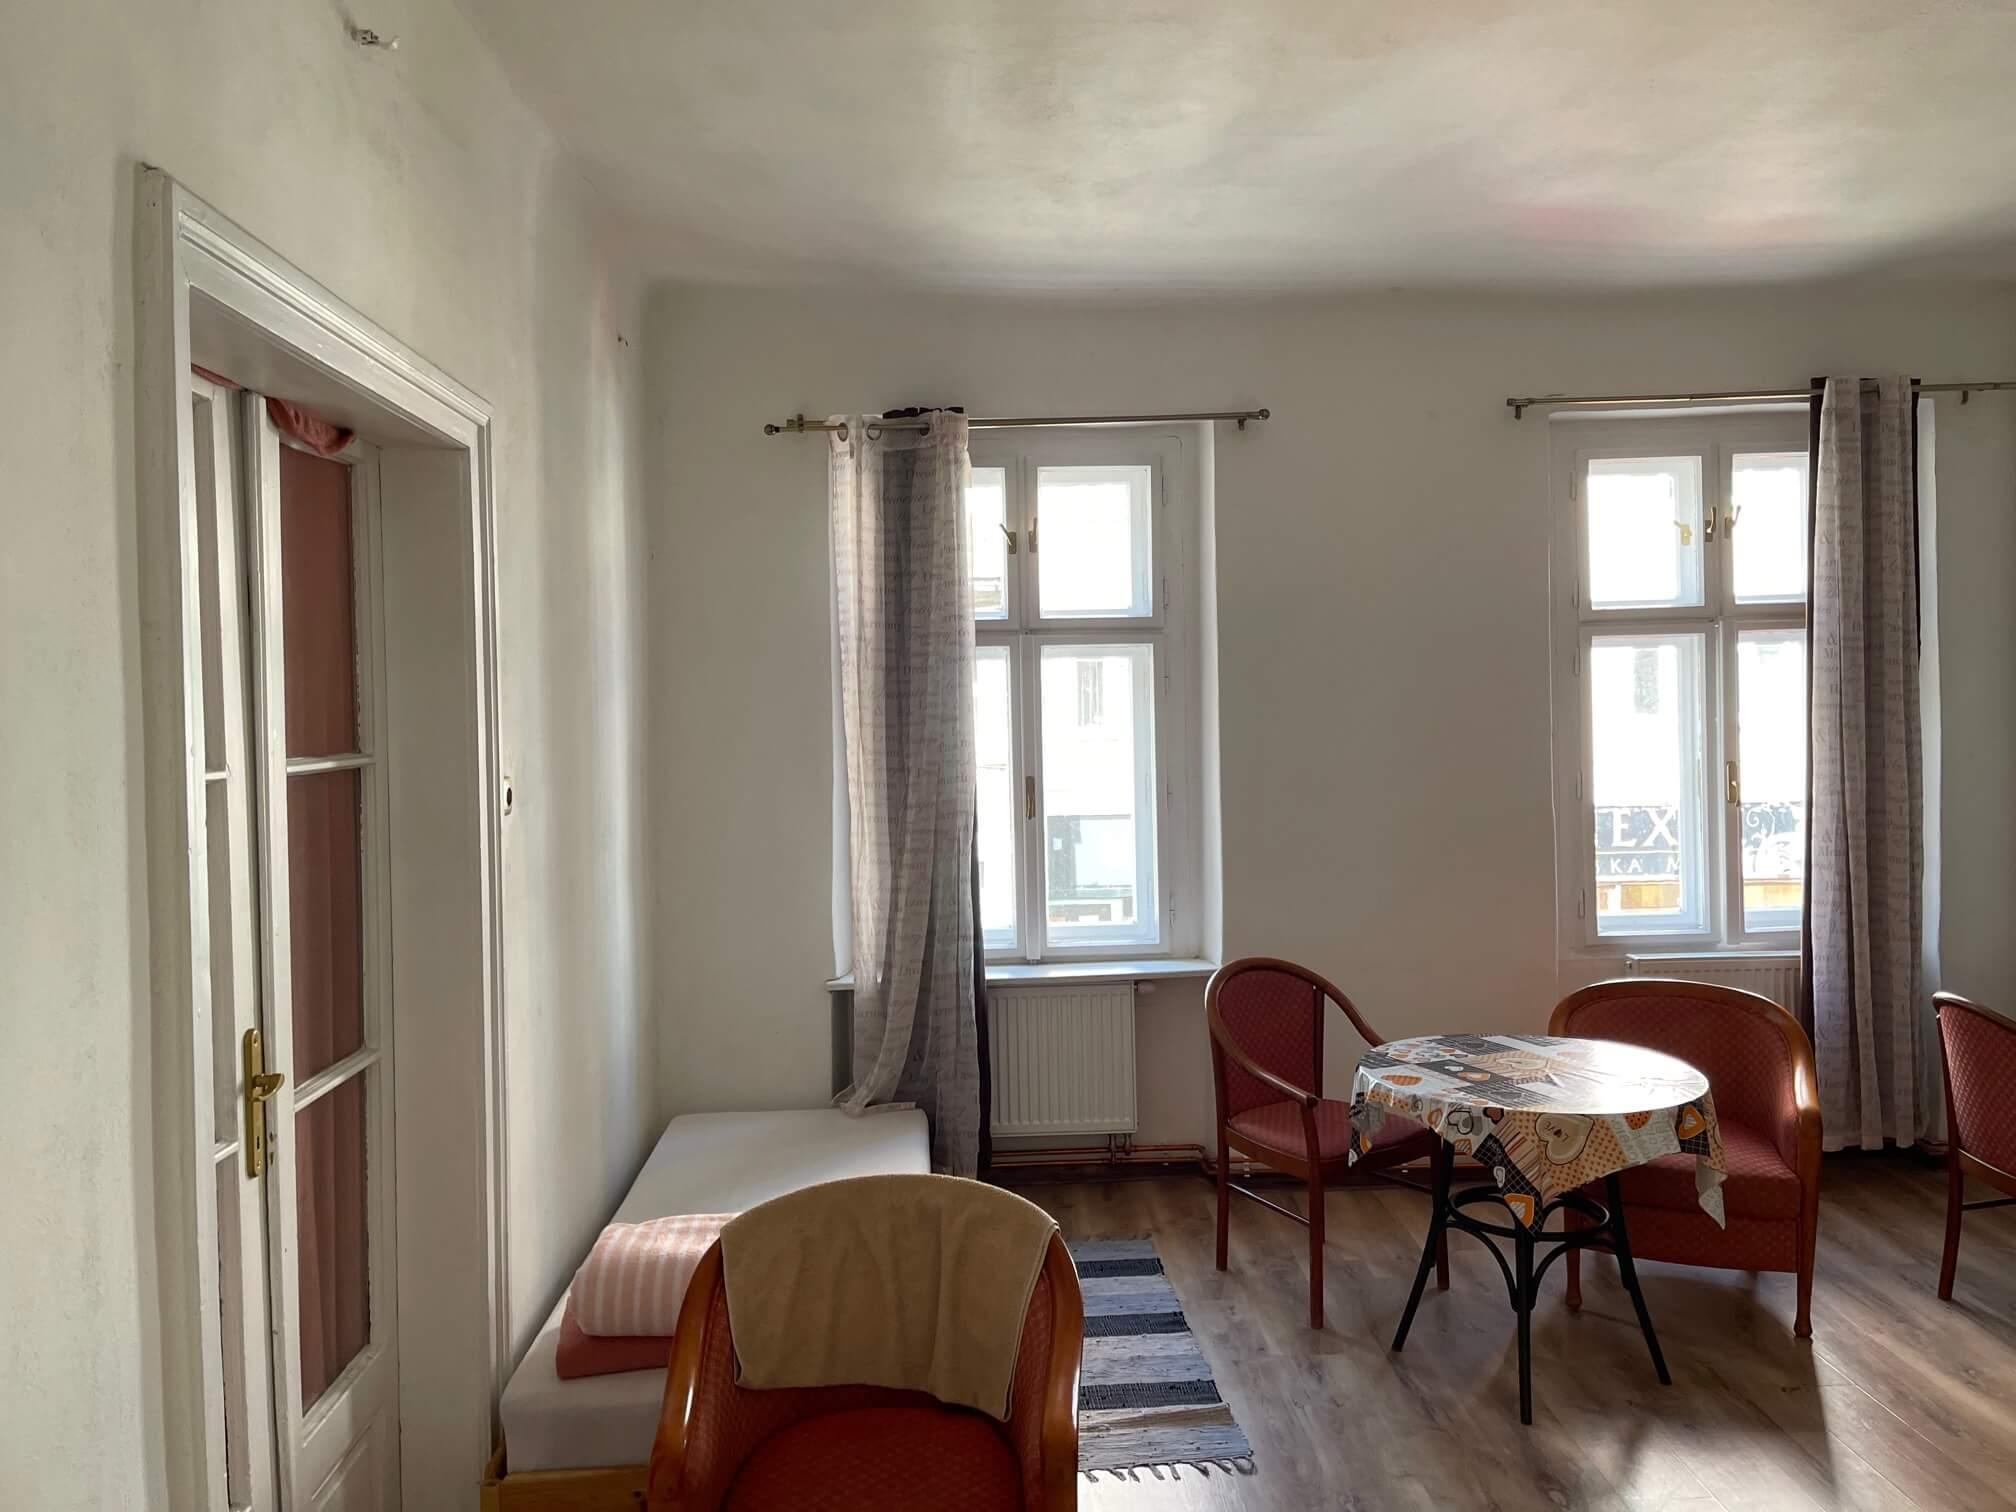 Exkluzívne na prenájom 4 izbový byt,Centrum,Obchodná ulica 36, plocha 130m2,zariadený,aj jednotlivo izby-2